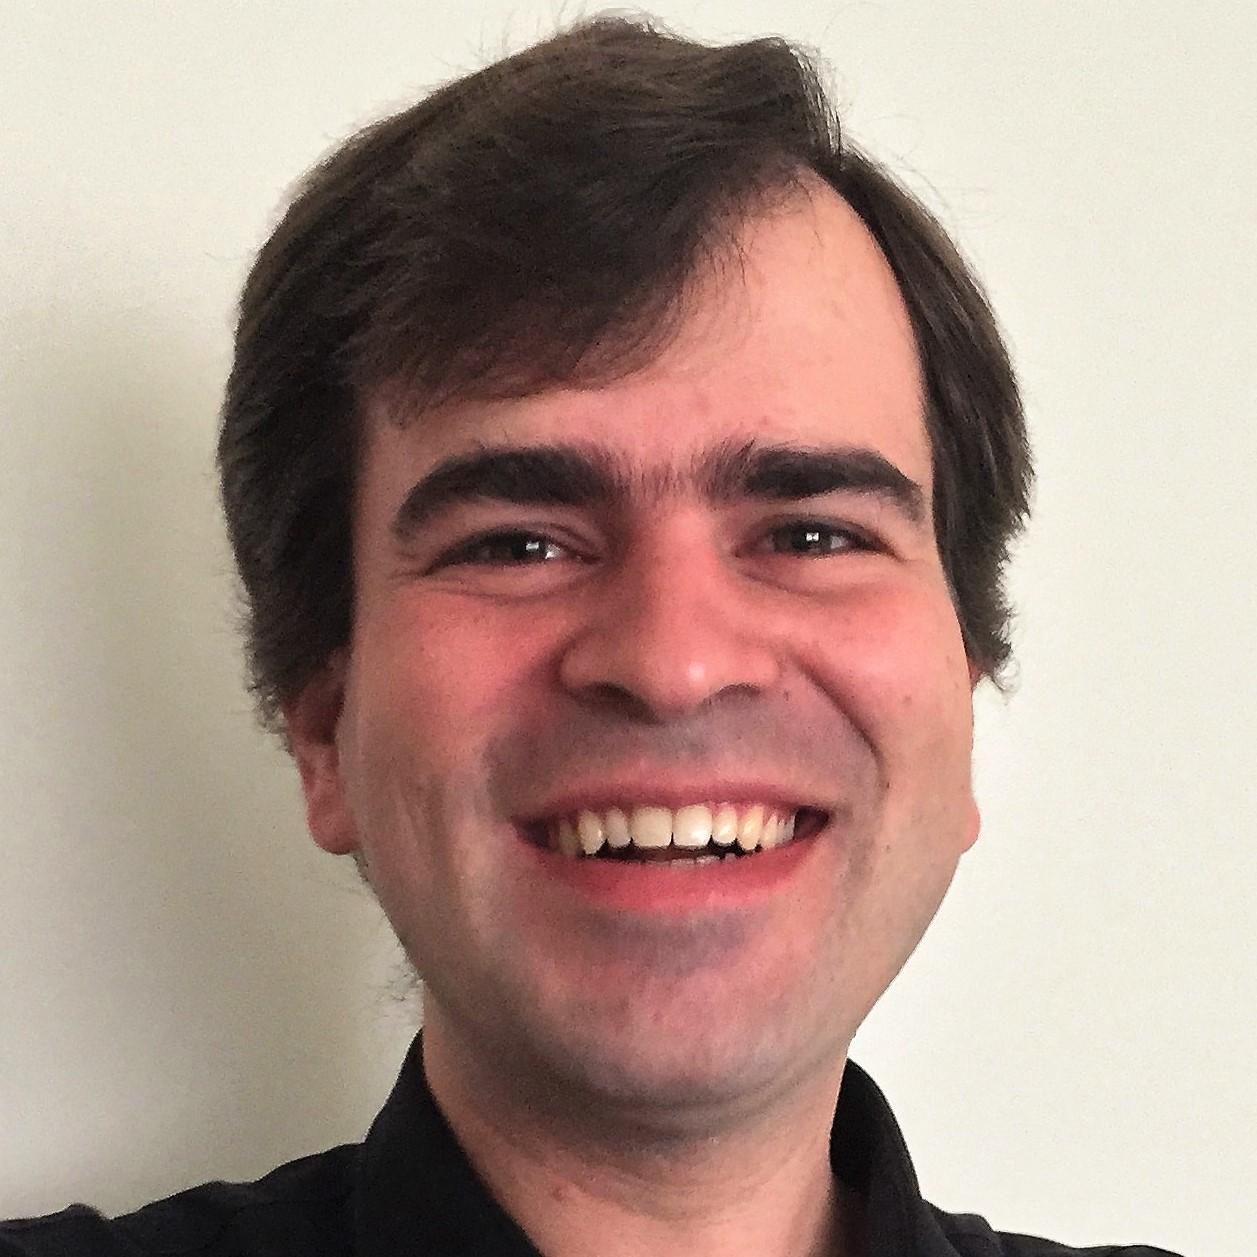 Hugo Plácido da Silva